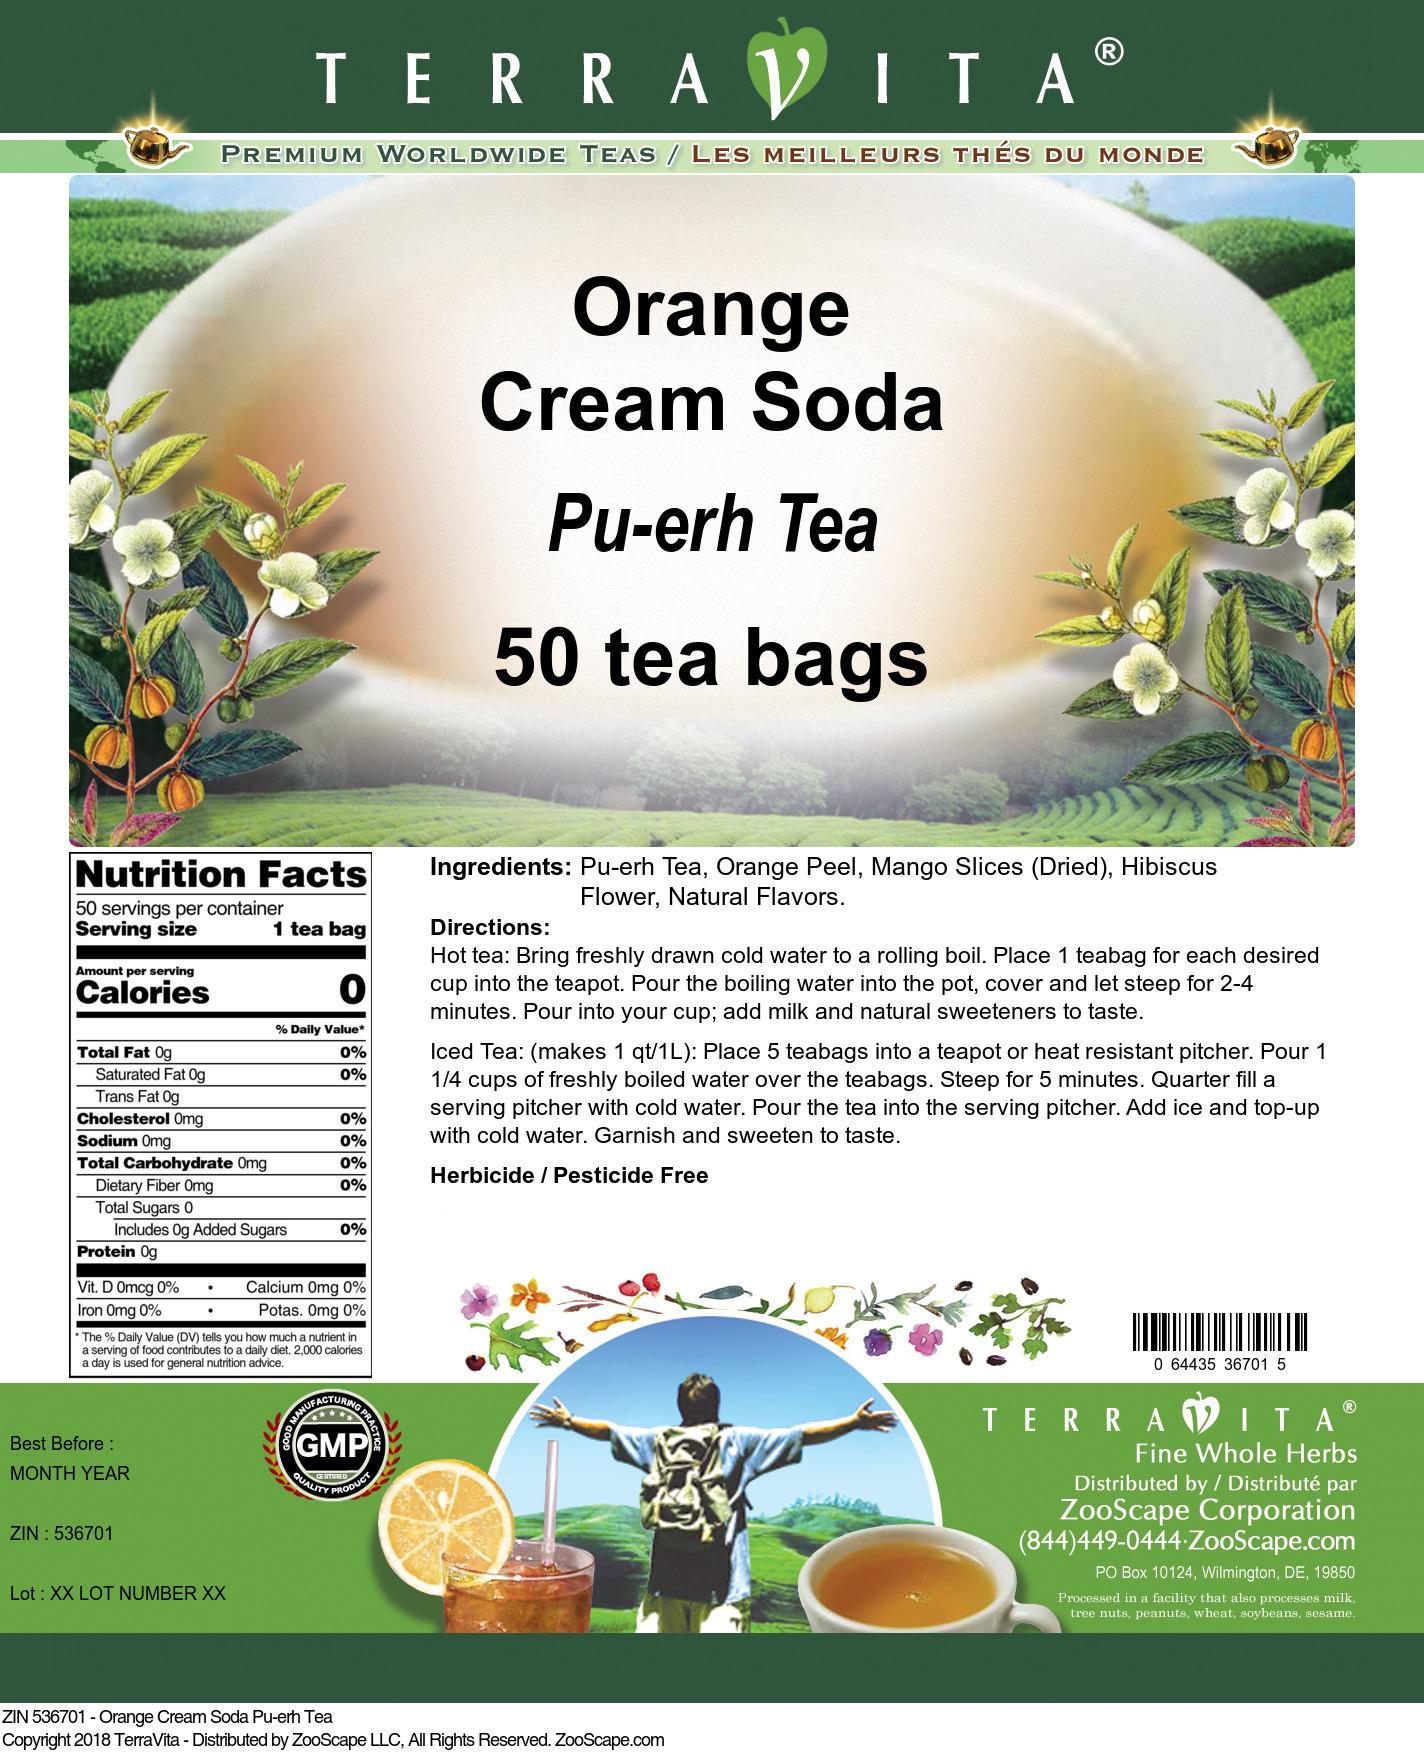 Orange Cream Soda Pu-erh Tea